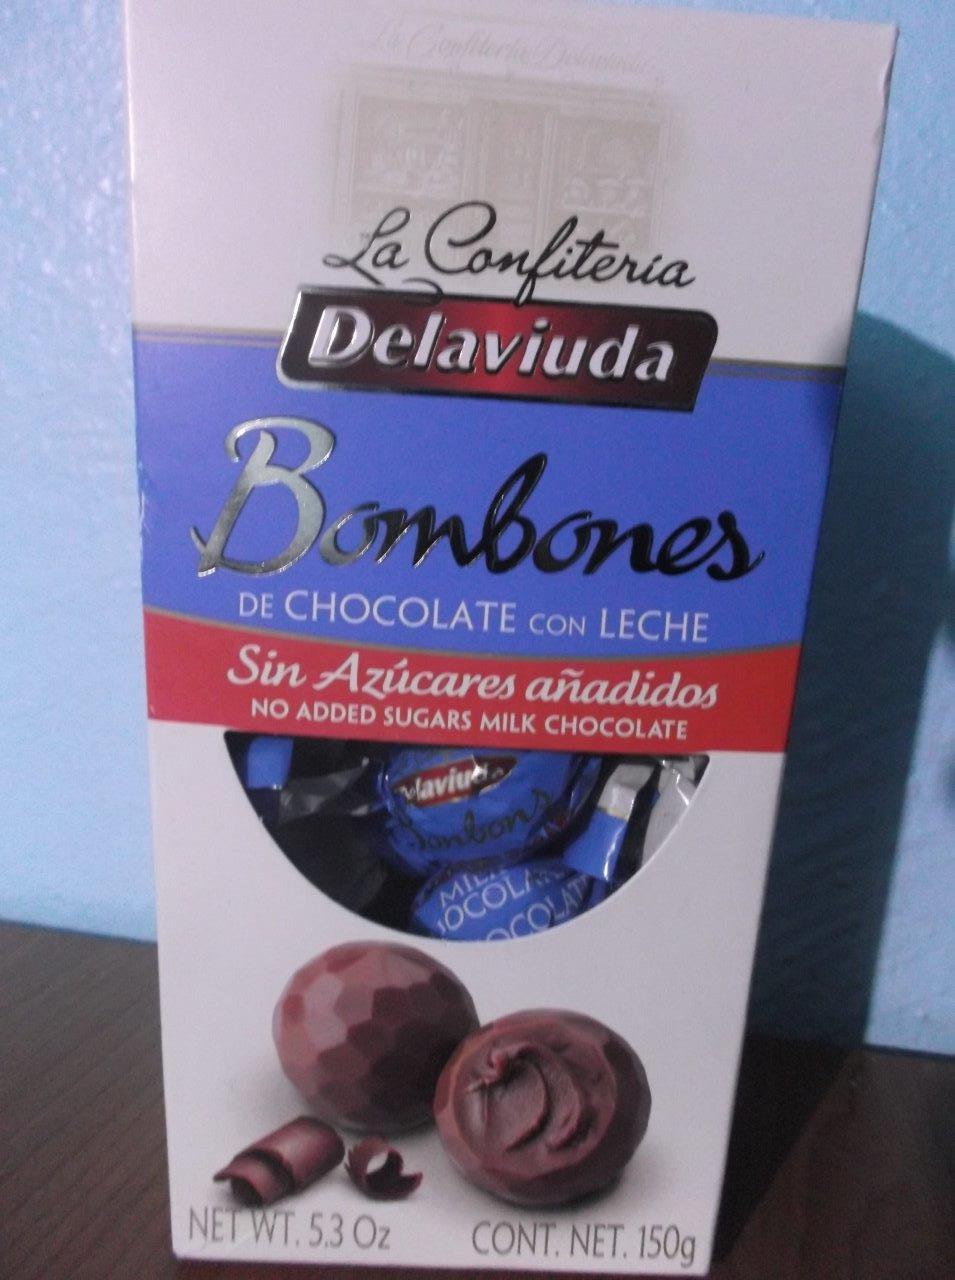 Walmart Plaza San Marcos: bombones de chocolate  Confitería de la Viuda a $20.01